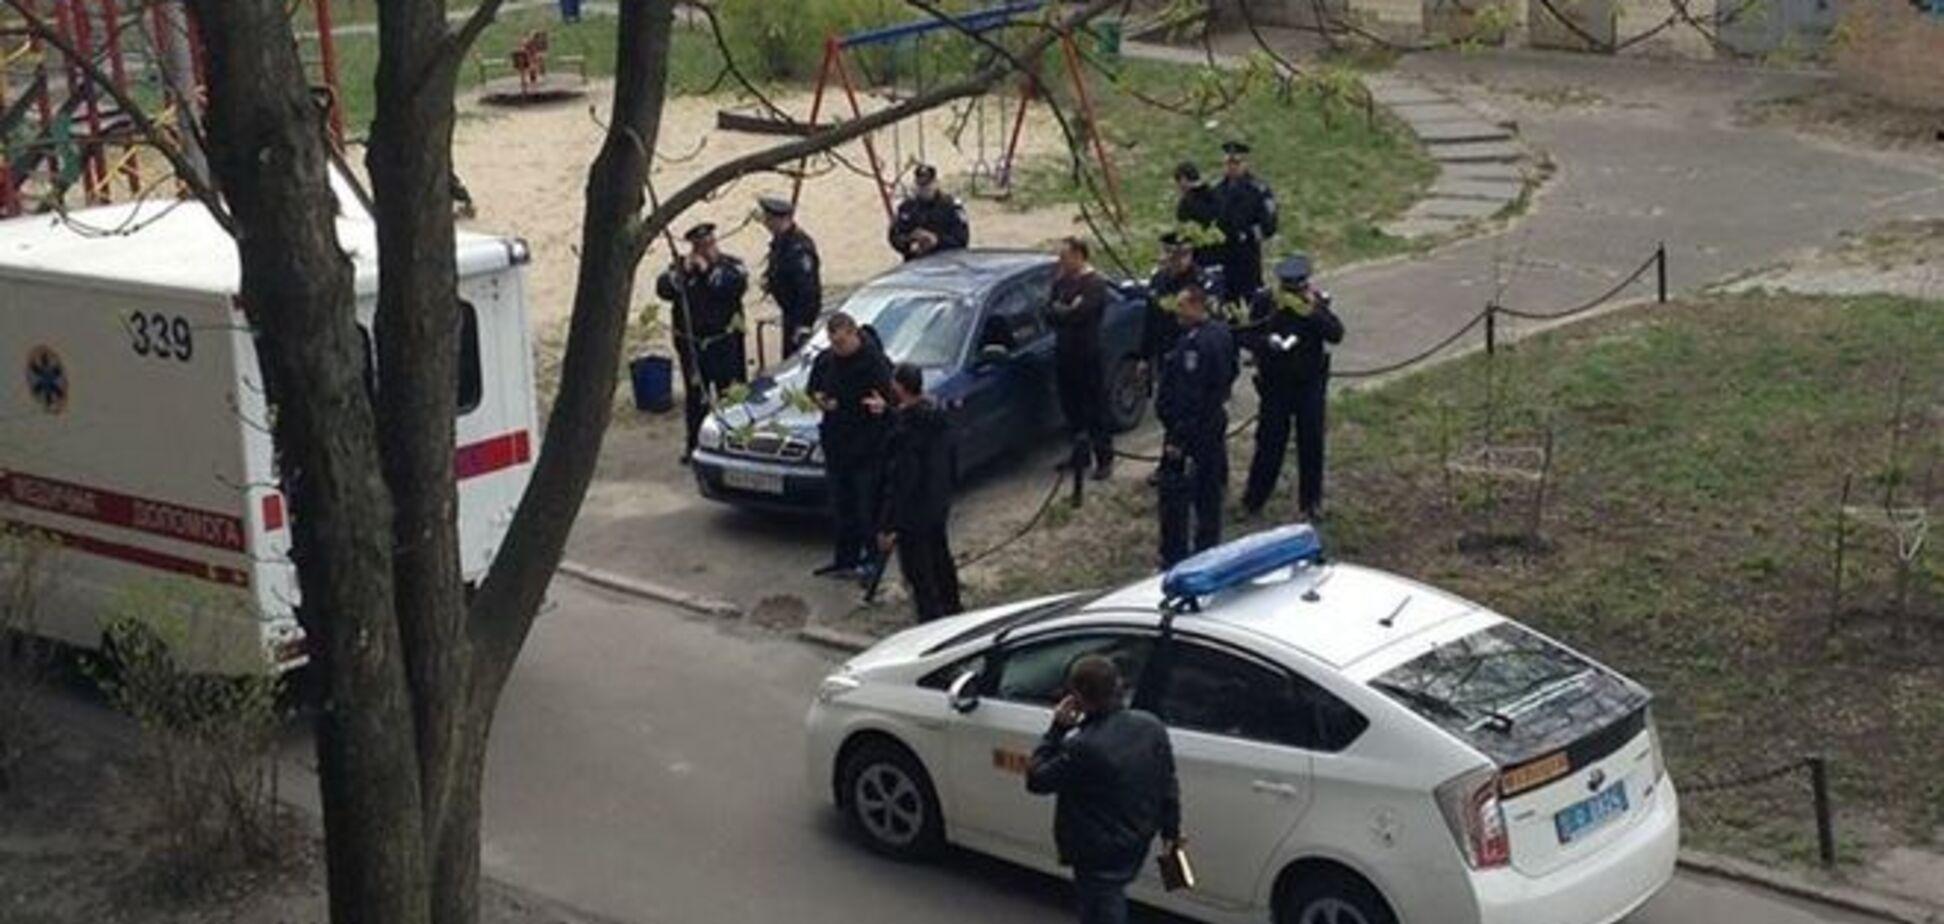 Убит журналист Олесь Бузина: подробности преступления, фото и видео